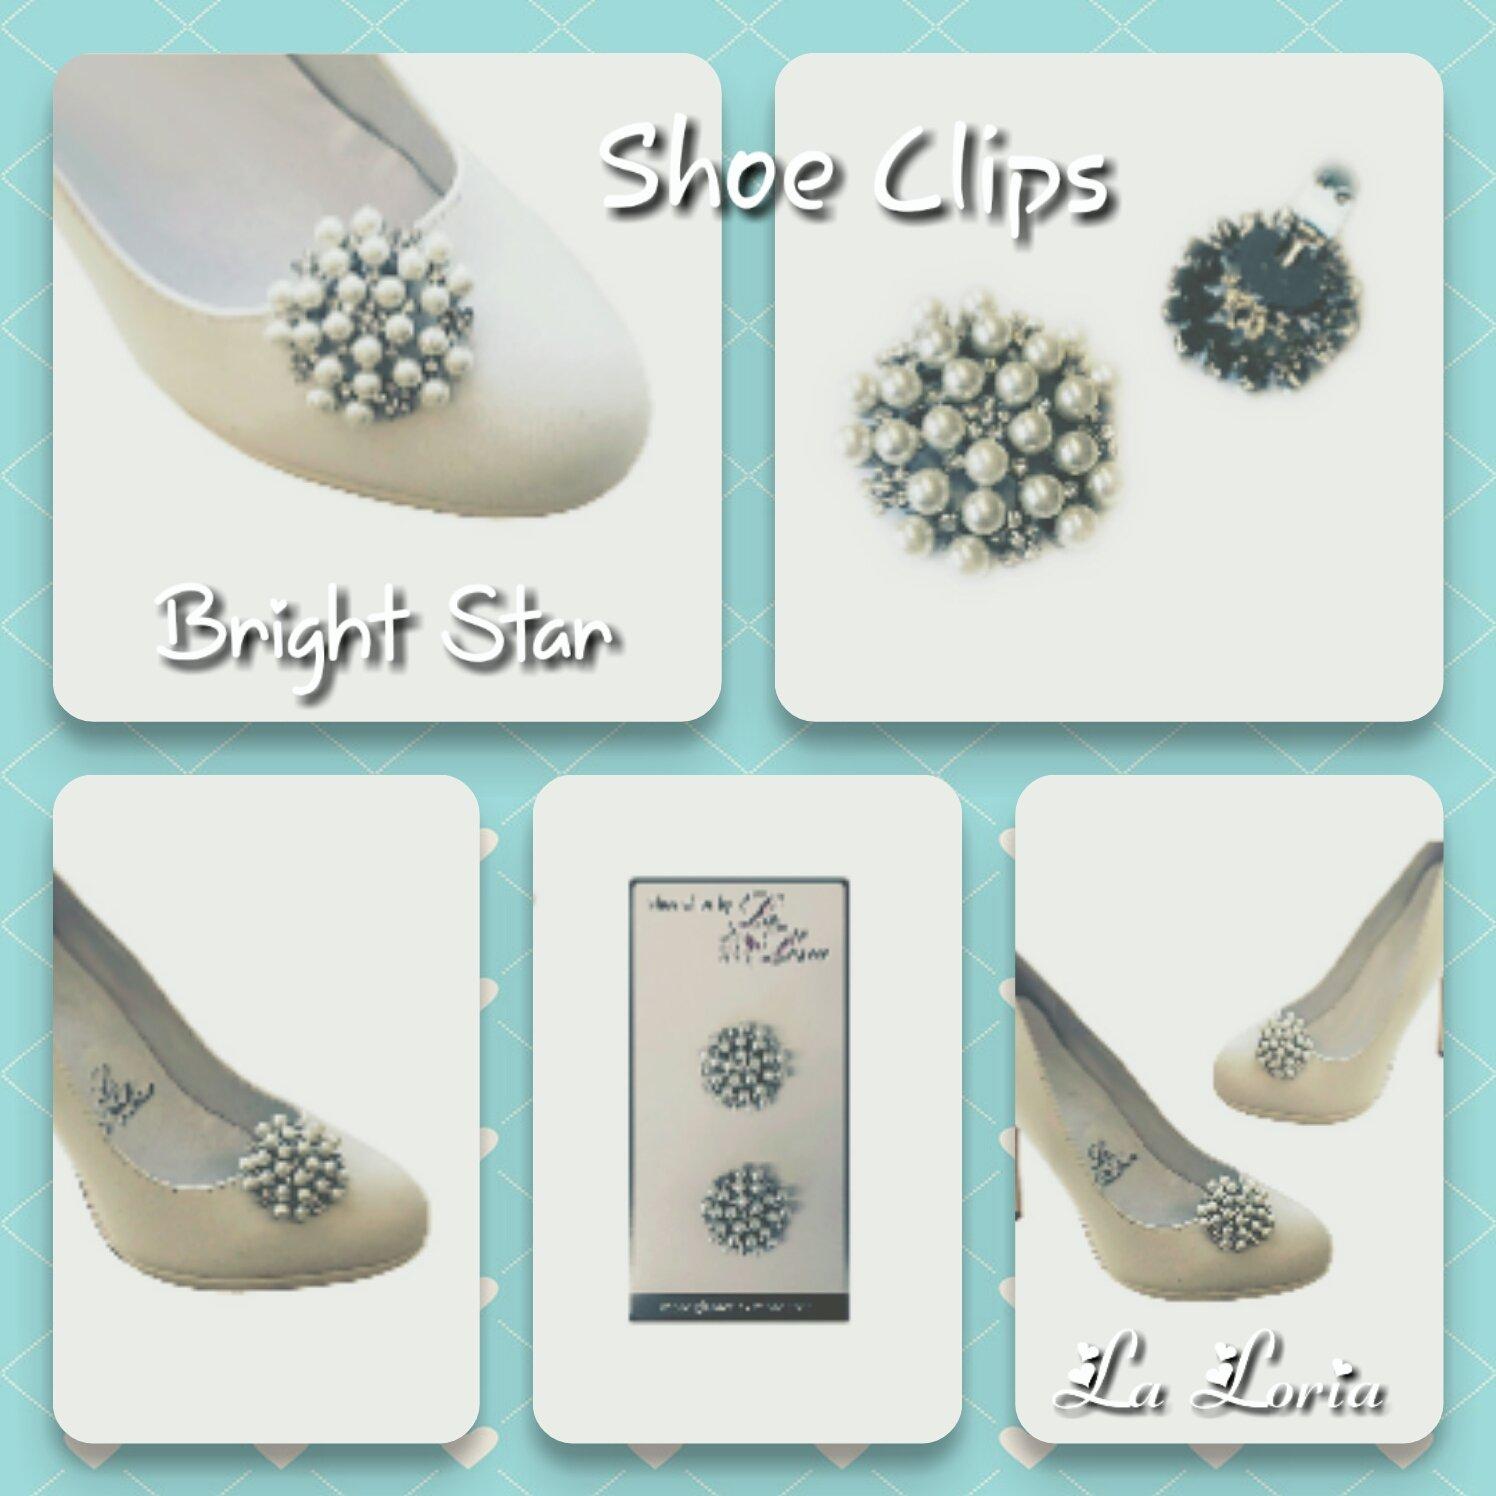 La Loria Femme 2 Clips Chaussures Bright Star Amovible Accessoires Bijoux de chaussures